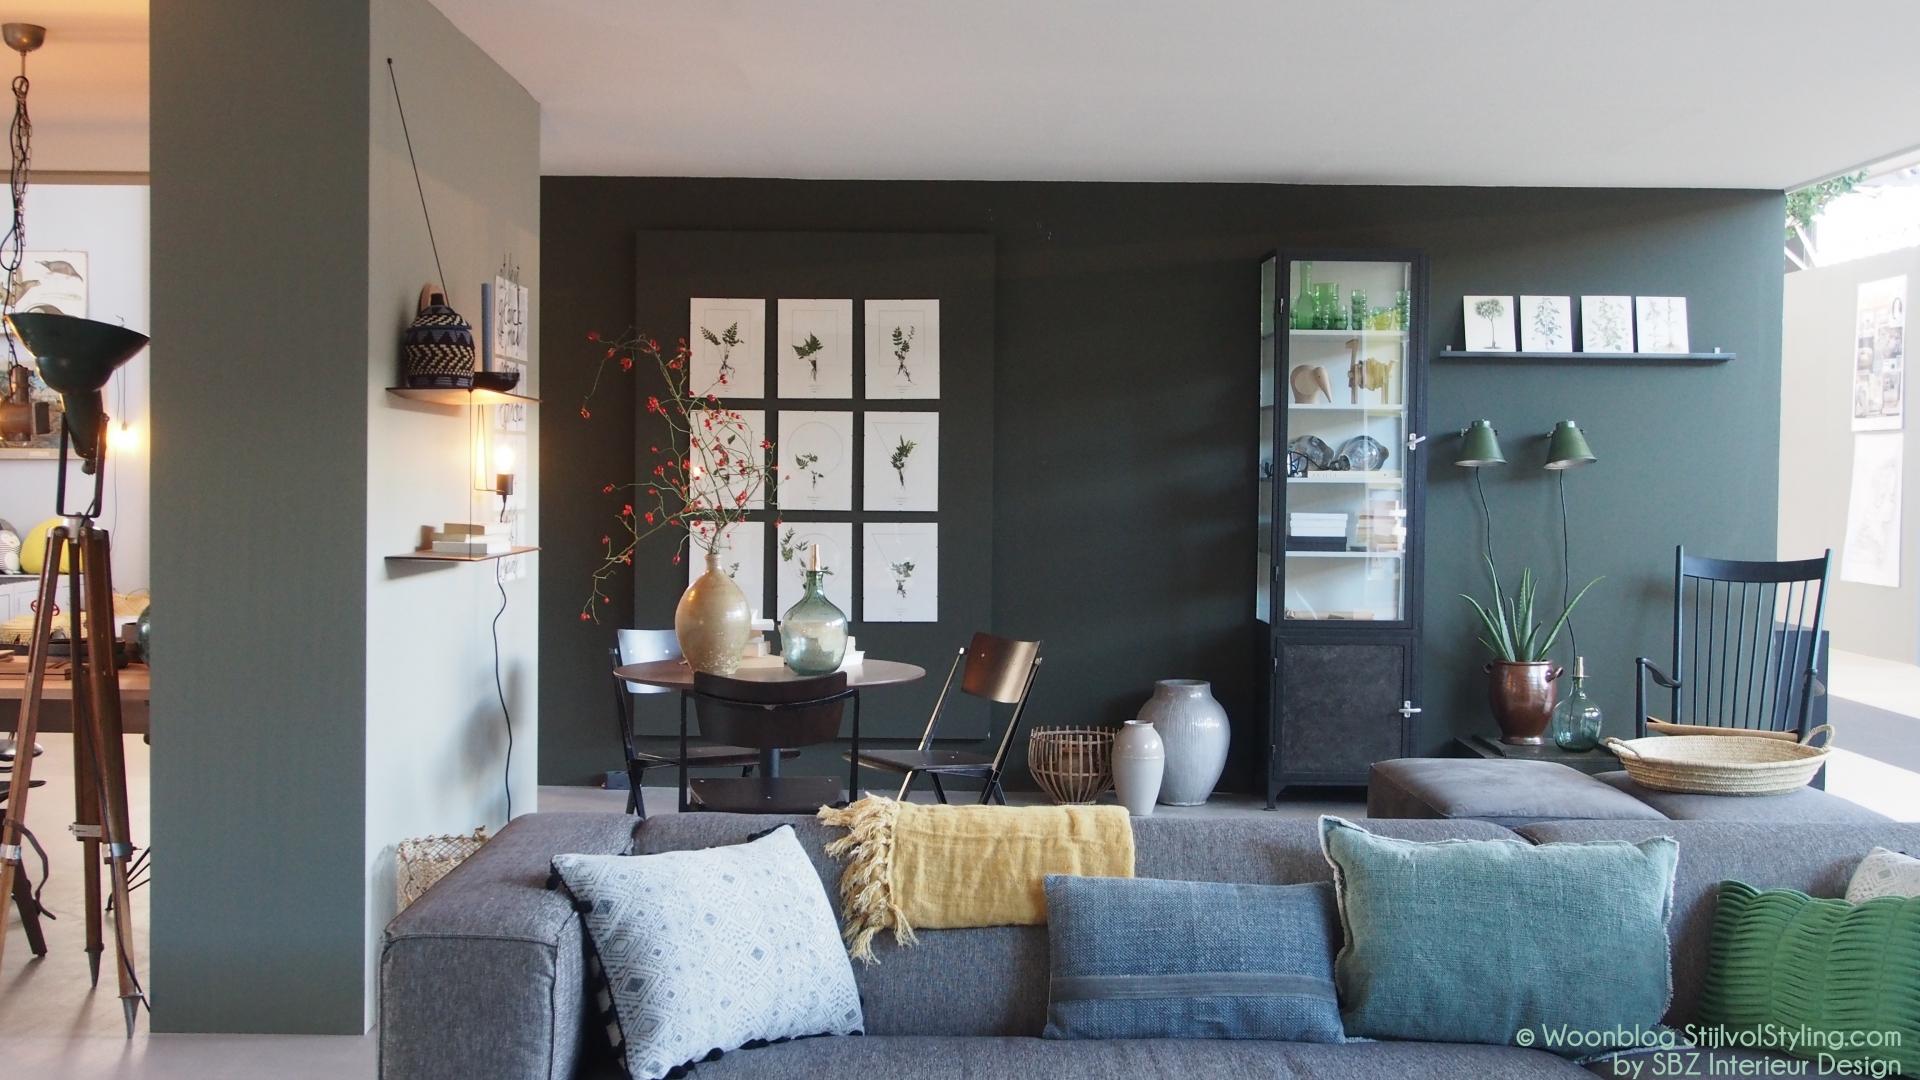 Interieur | De meest gemaakte fouten bij het inrichten van een interieur (deel 2) - Woonblog StijlvolStyling.com by SBZ Interieur Design